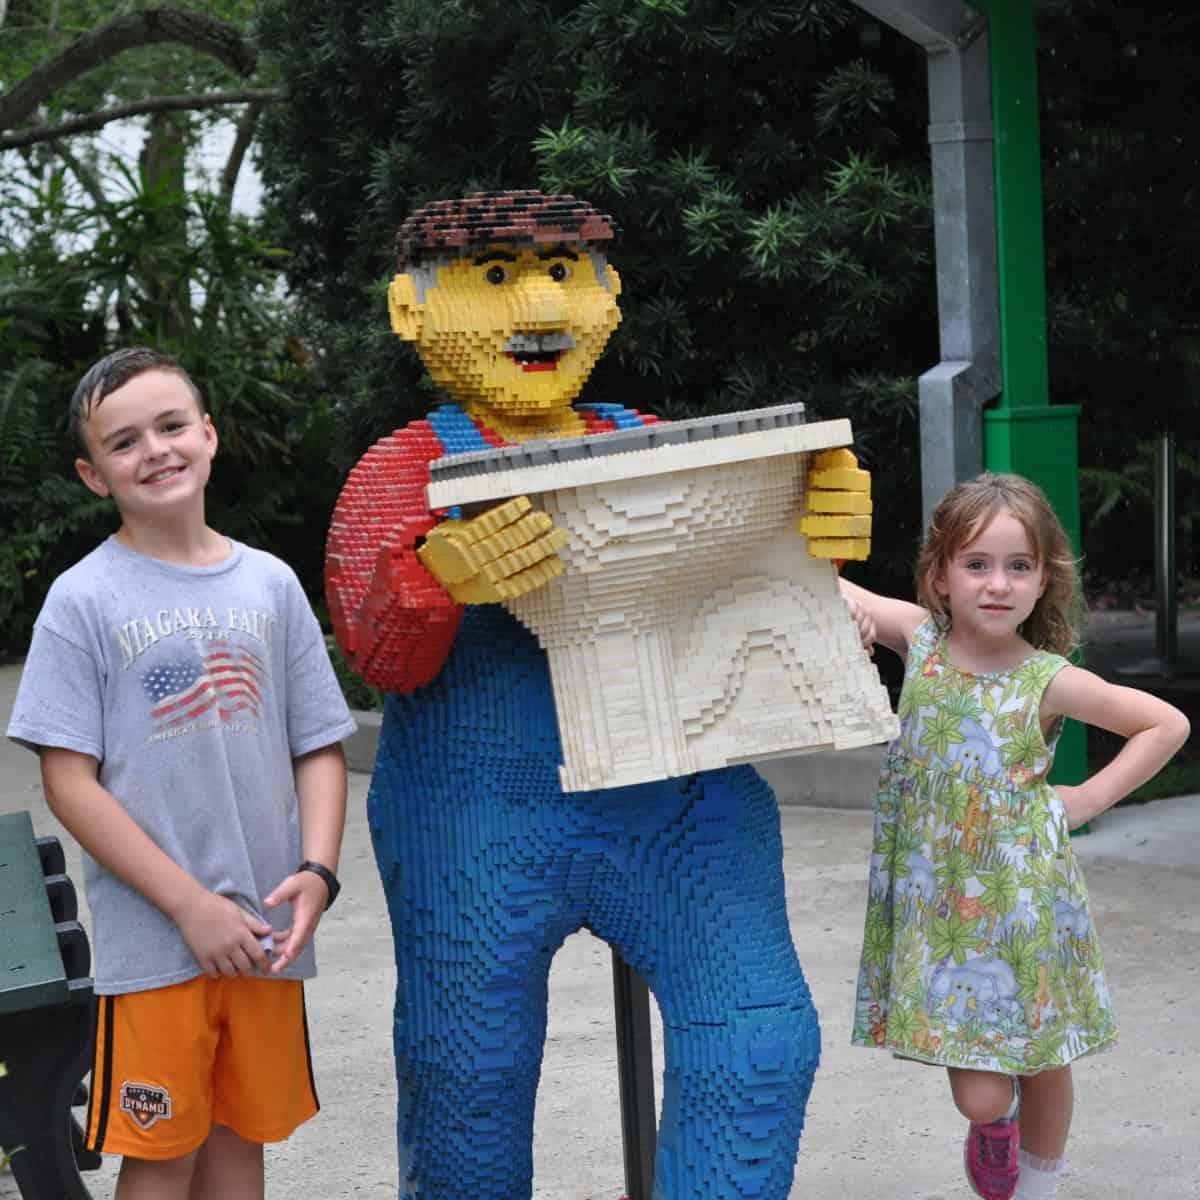 Legoland Florida Toilet Sculpture